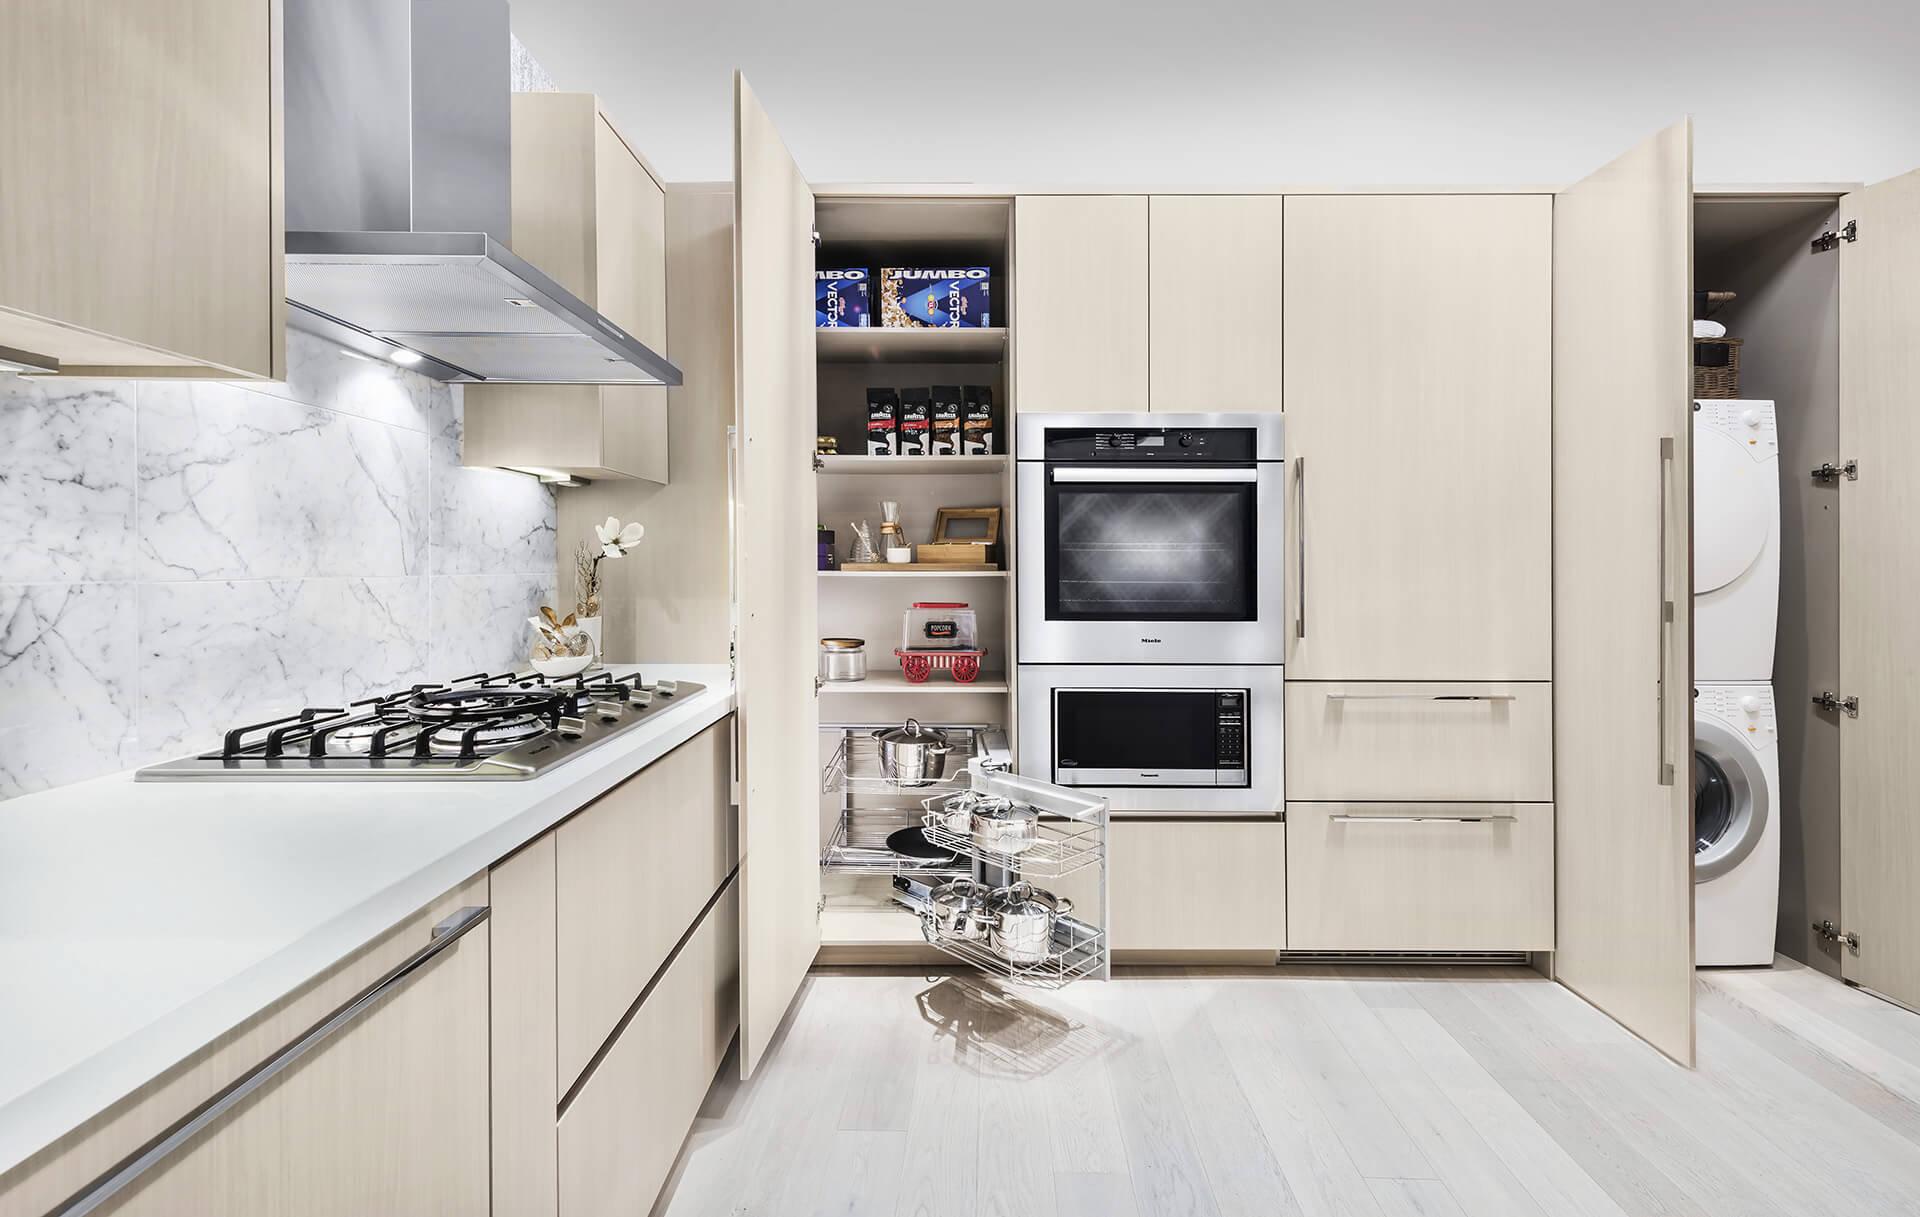 Kitchen - 8671 Hazelbridge Way, Richmond, BC V0V 0V0, Canada!